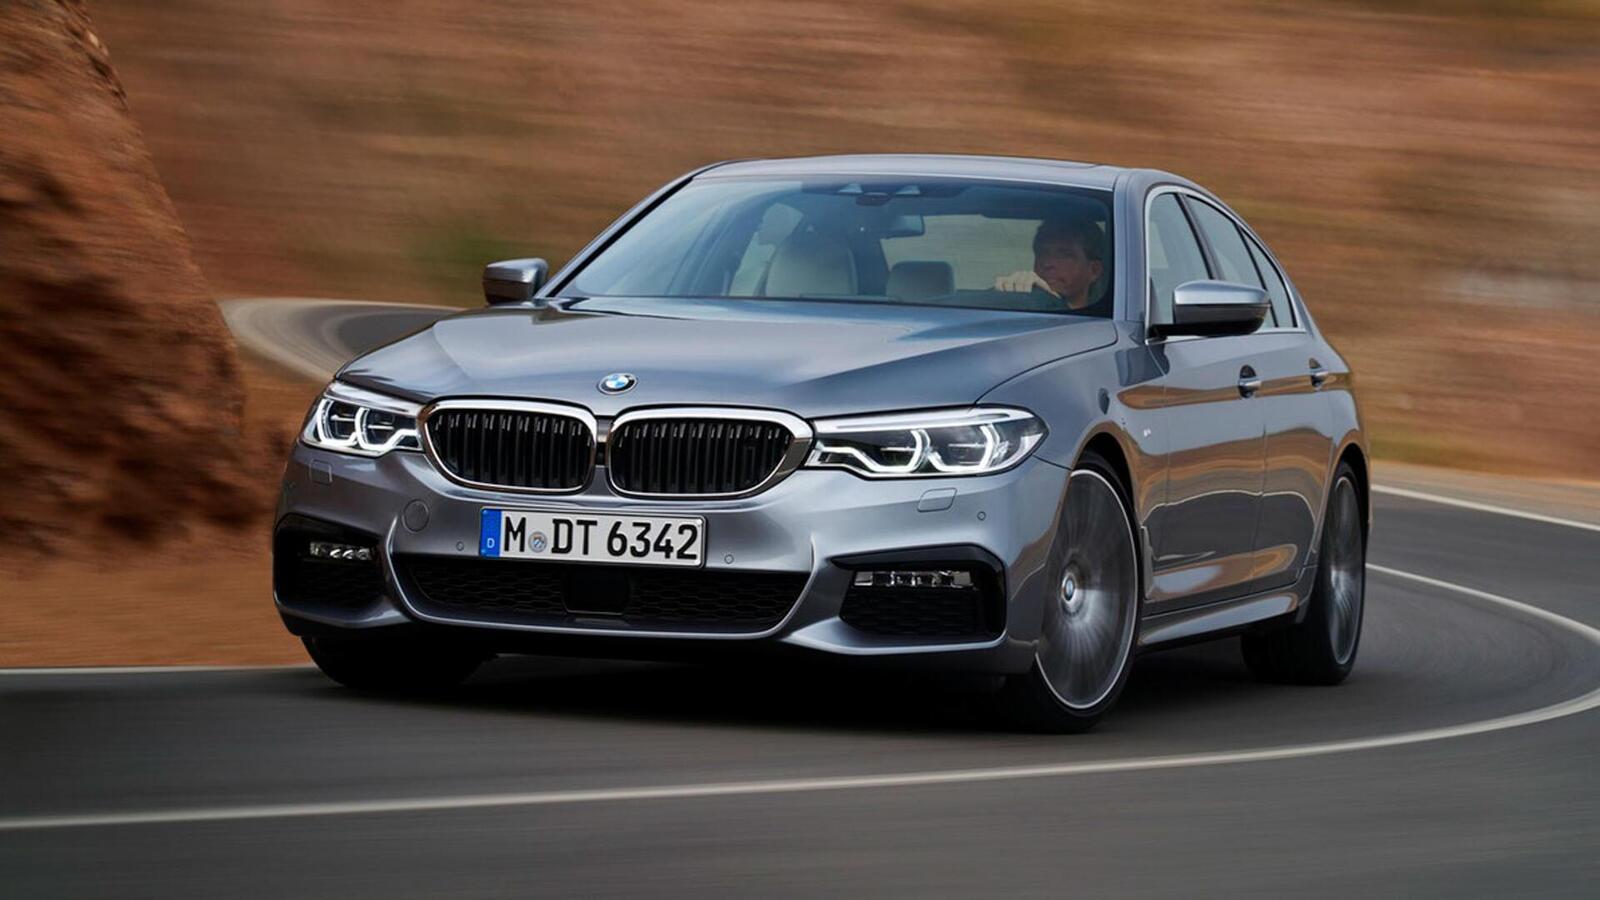 Lộ giá bán của BMW 520i và 530i thế hệ mới tại Việt Nam; từ 2,389 đến 3,069 tỷ đồng - Hình 3